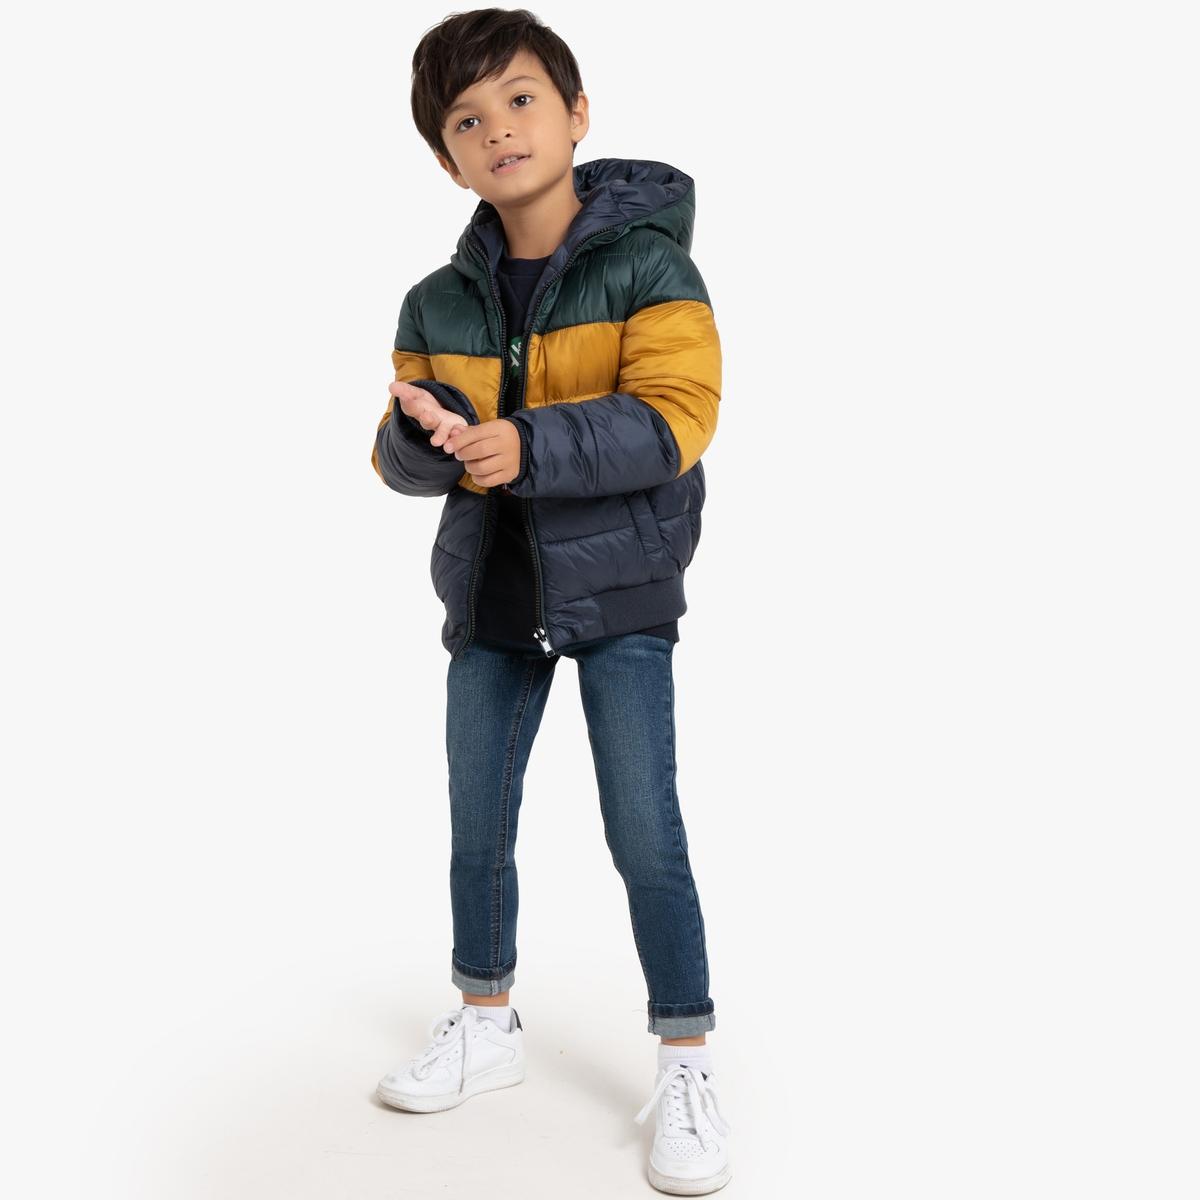 Куртка La Redoute Стеганая с капюшоном утепленная двухсторонняя 3 года - 94 см синий пуховая стеганая куртка с капюшоном